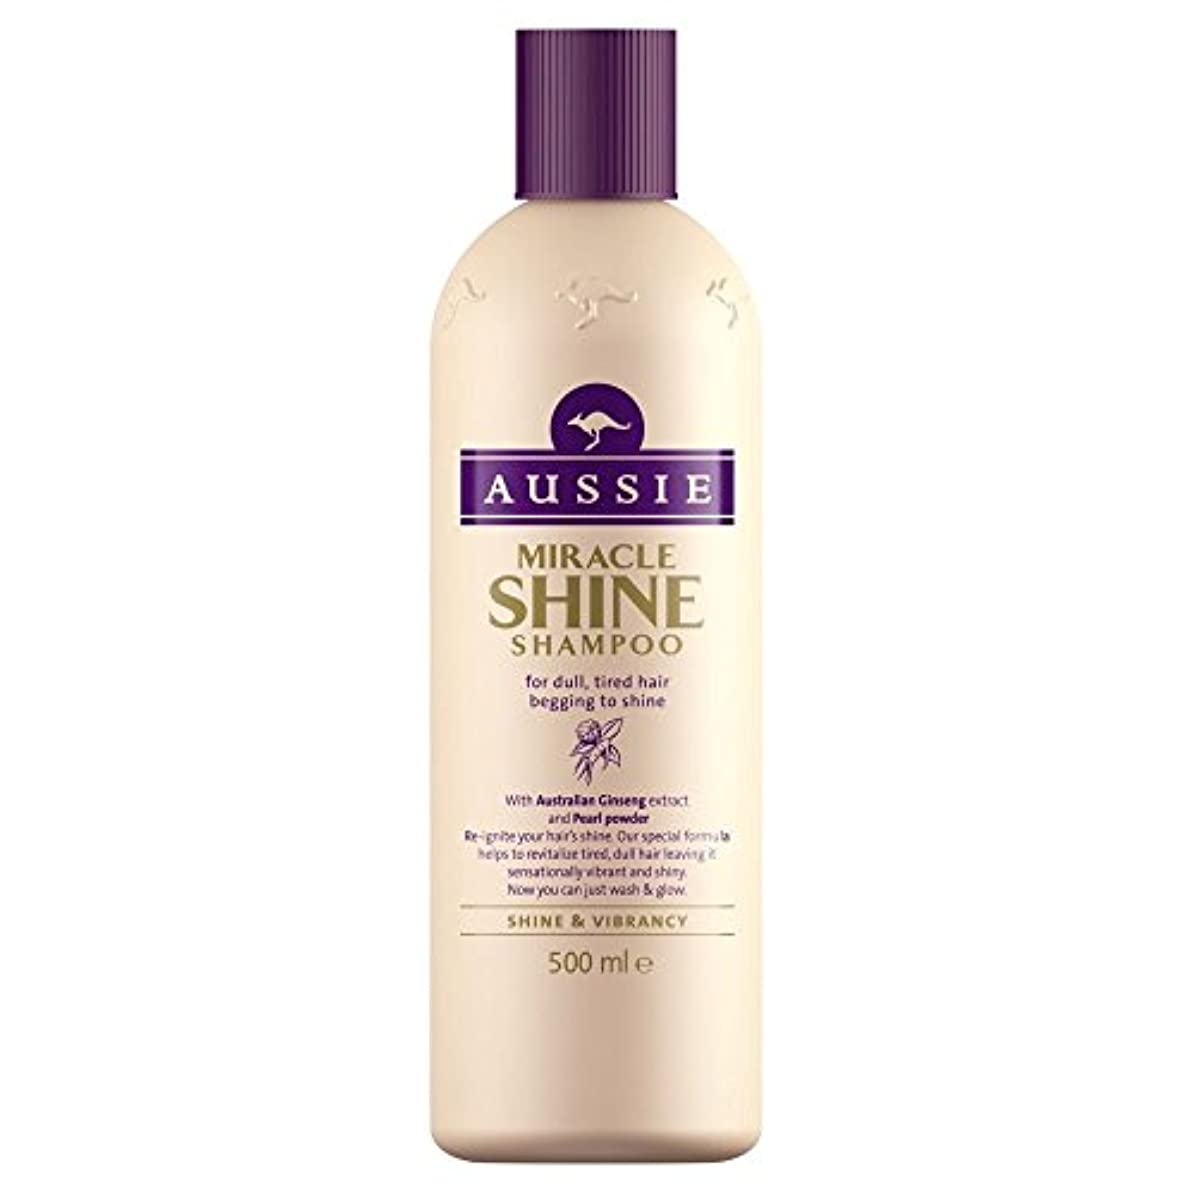 酔うトランペット胆嚢Aussie Miracle Shine Shampoo (500ml) オージー奇跡の輝きシャンプー( 500ミリリットル) [並行輸入品]